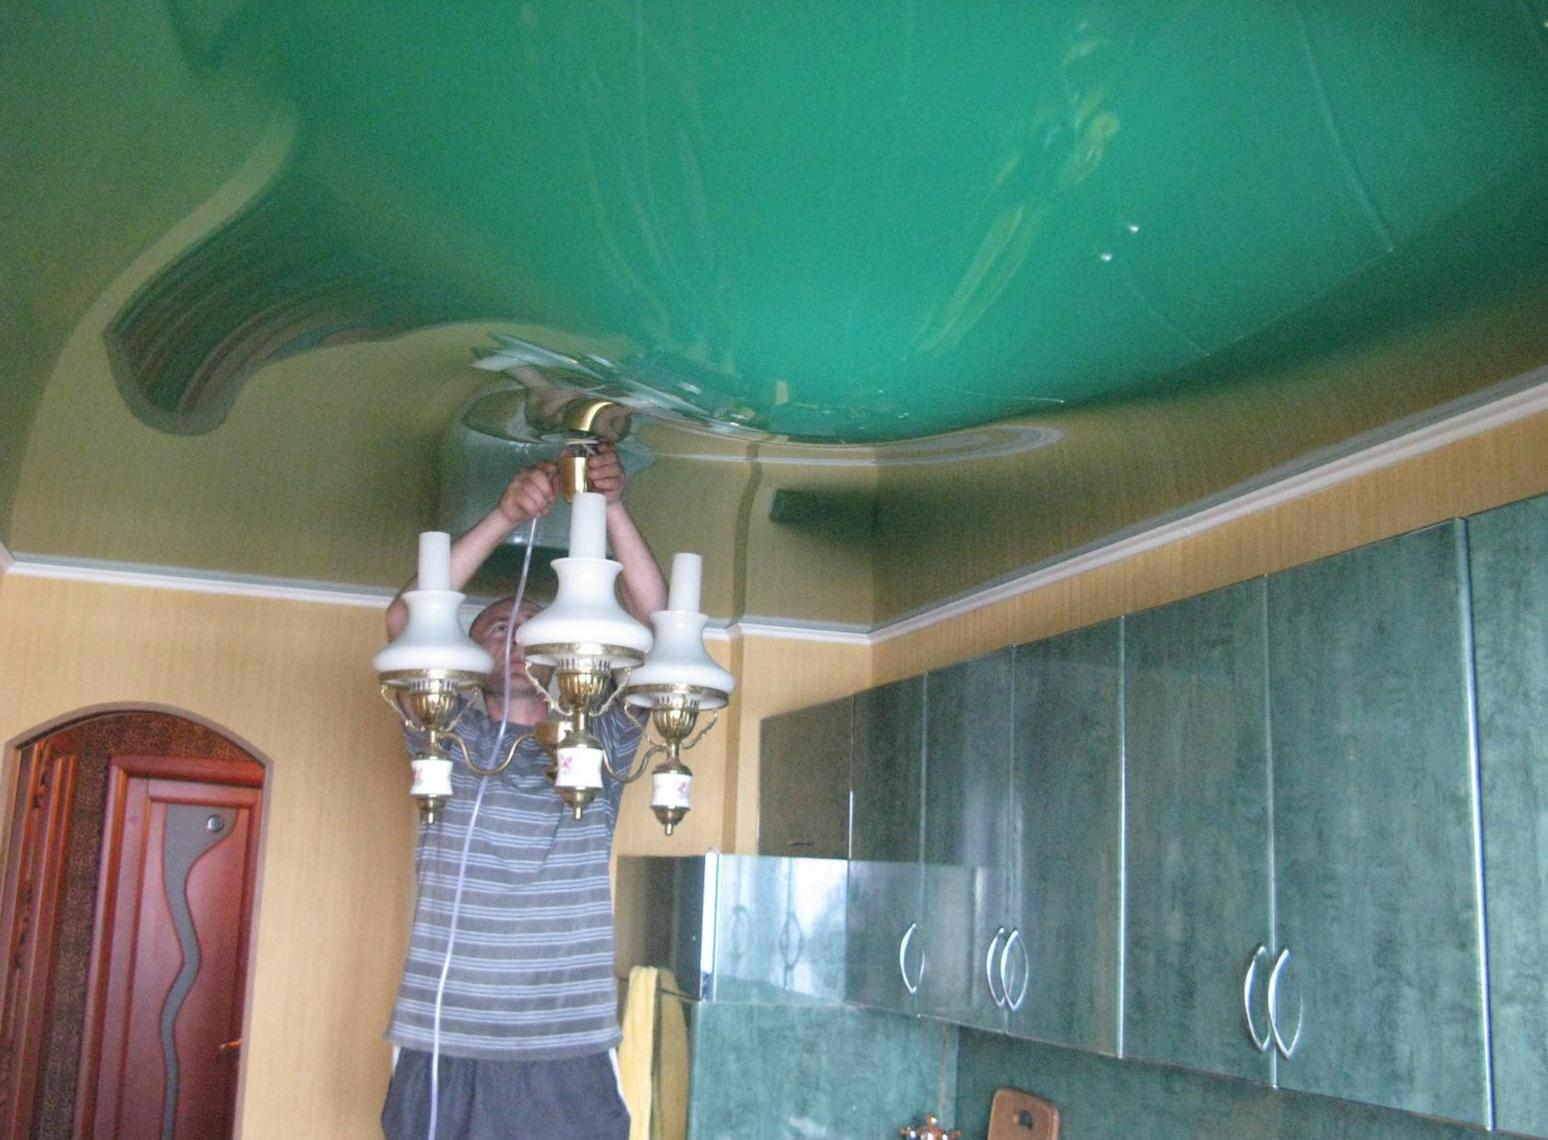 Как слить воду с натяжного потолка самостоятельно: затопили соседи сверху, что делать?